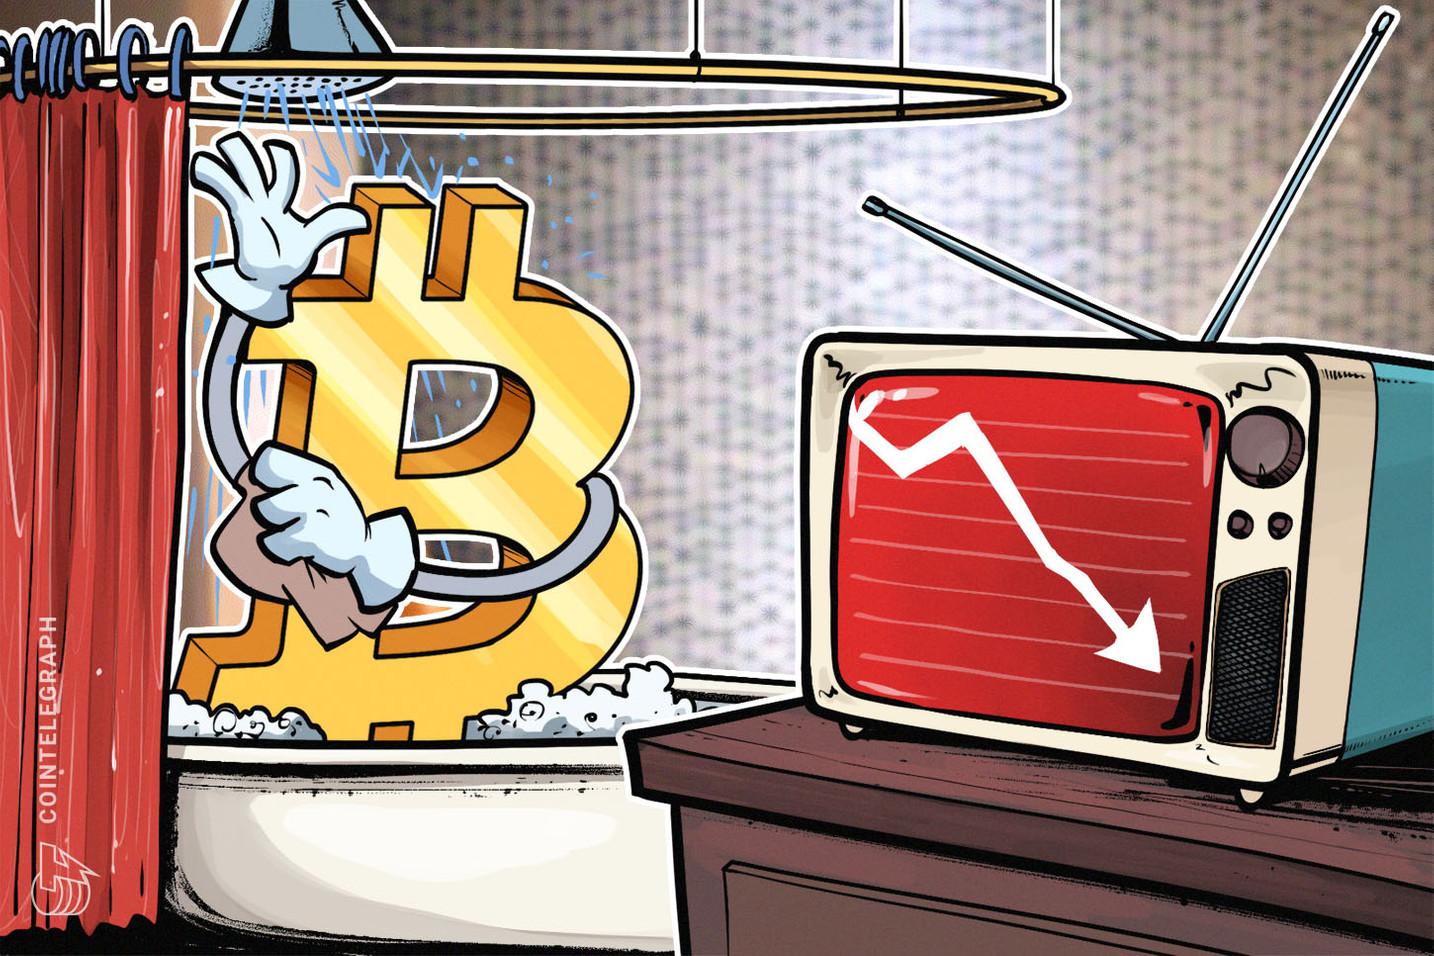 30 Prozent Bitcoin-Rückgang möglich: Kein Grund zur Sorge